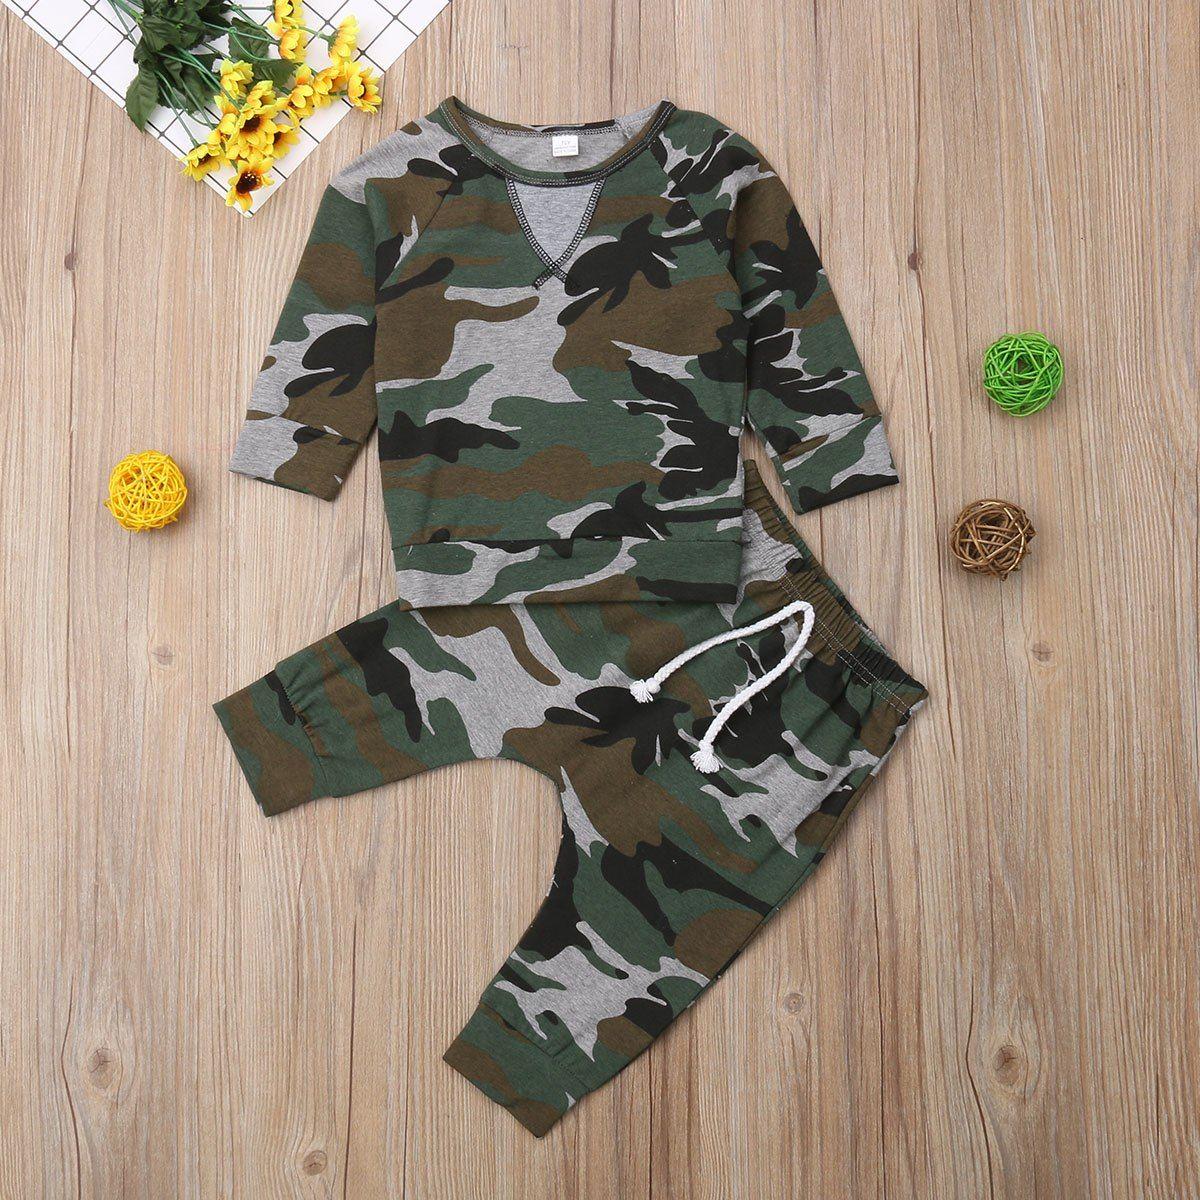 6722cc8c0ce1e 0-24M Newborn Baby Boys Camo T-shirt Tops +Long Pants Outfit Kids Clothes  Set Camouflage suit